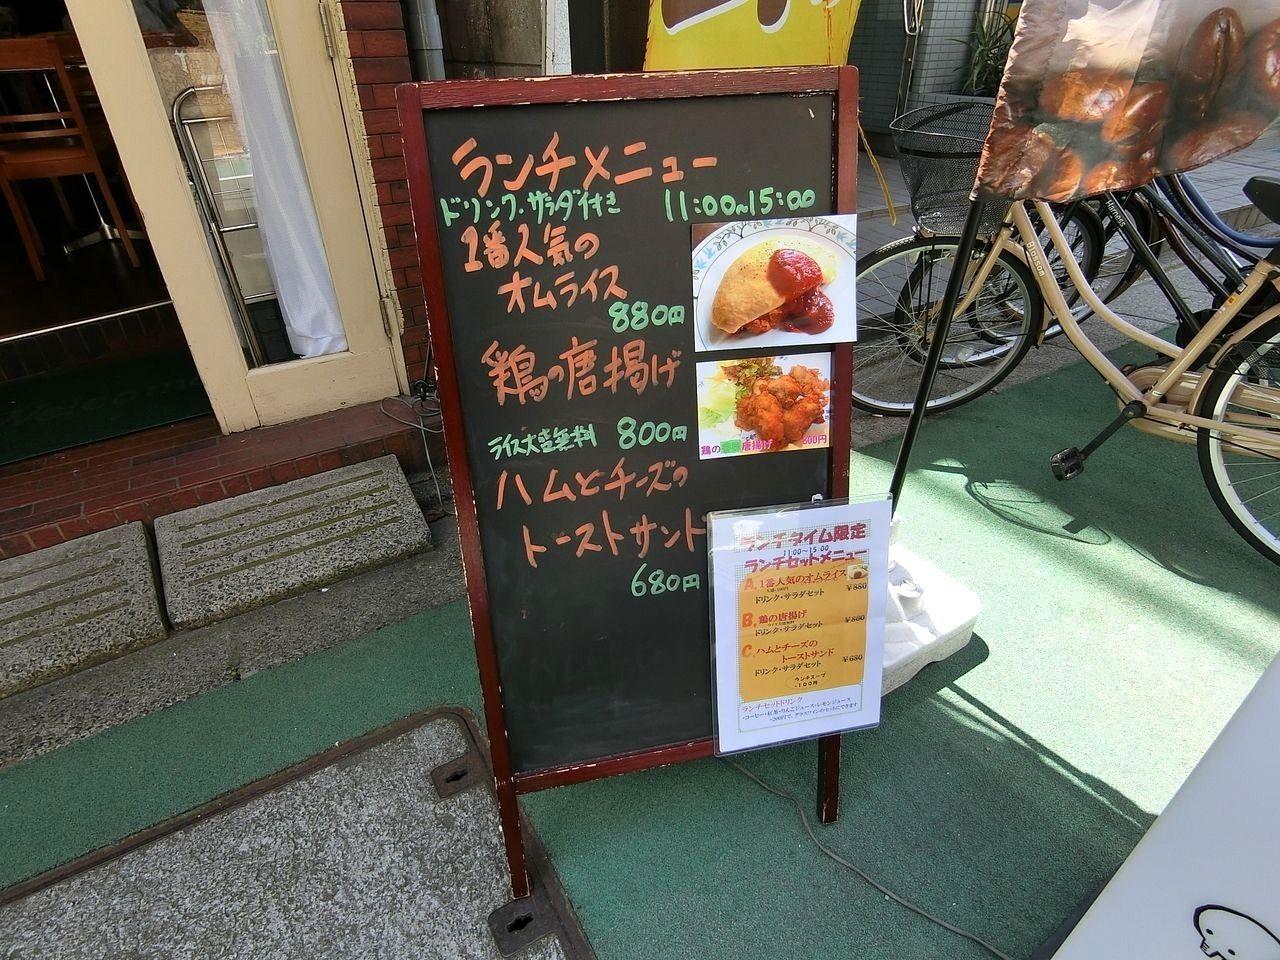 板橋本町の喫茶エレファントのランチメニュー